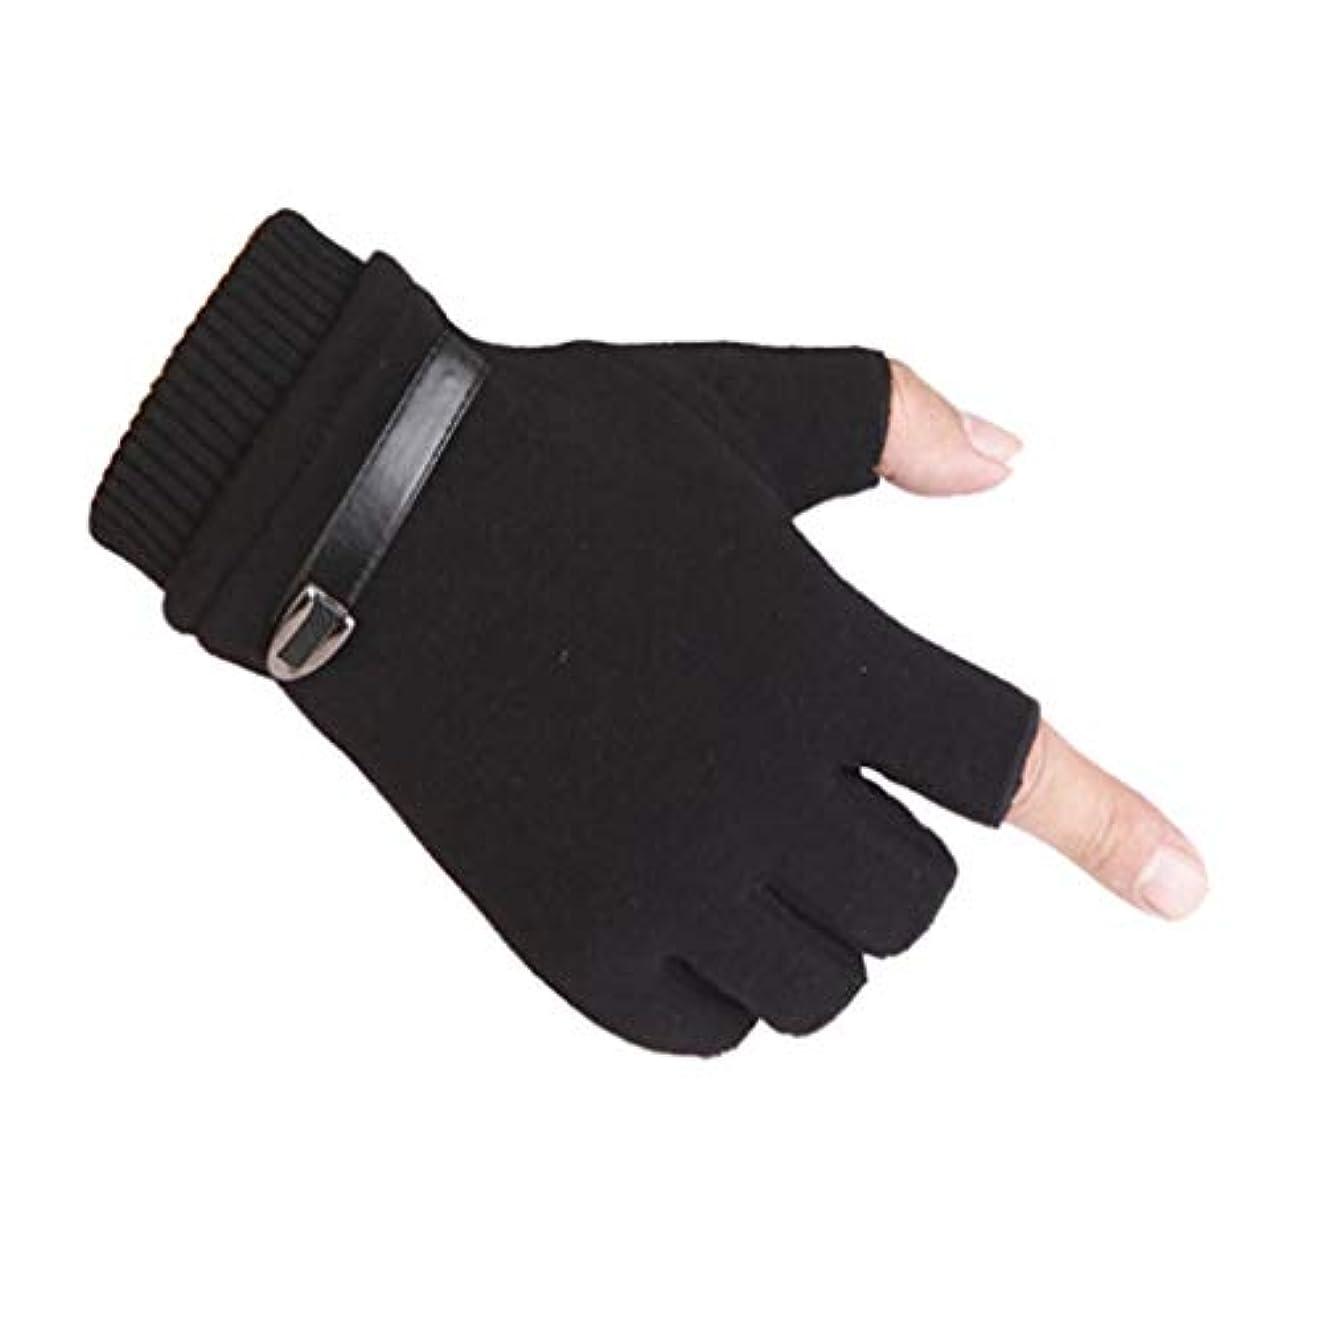 生物学成果セットアップ秋と冬プラスベルベット肥厚ハーフフィンガー手袋男性と女性ベルベット生徒は指を離してカップルの手袋黒の男性モデルに乗ってコンピュータタイピングを書くことではない